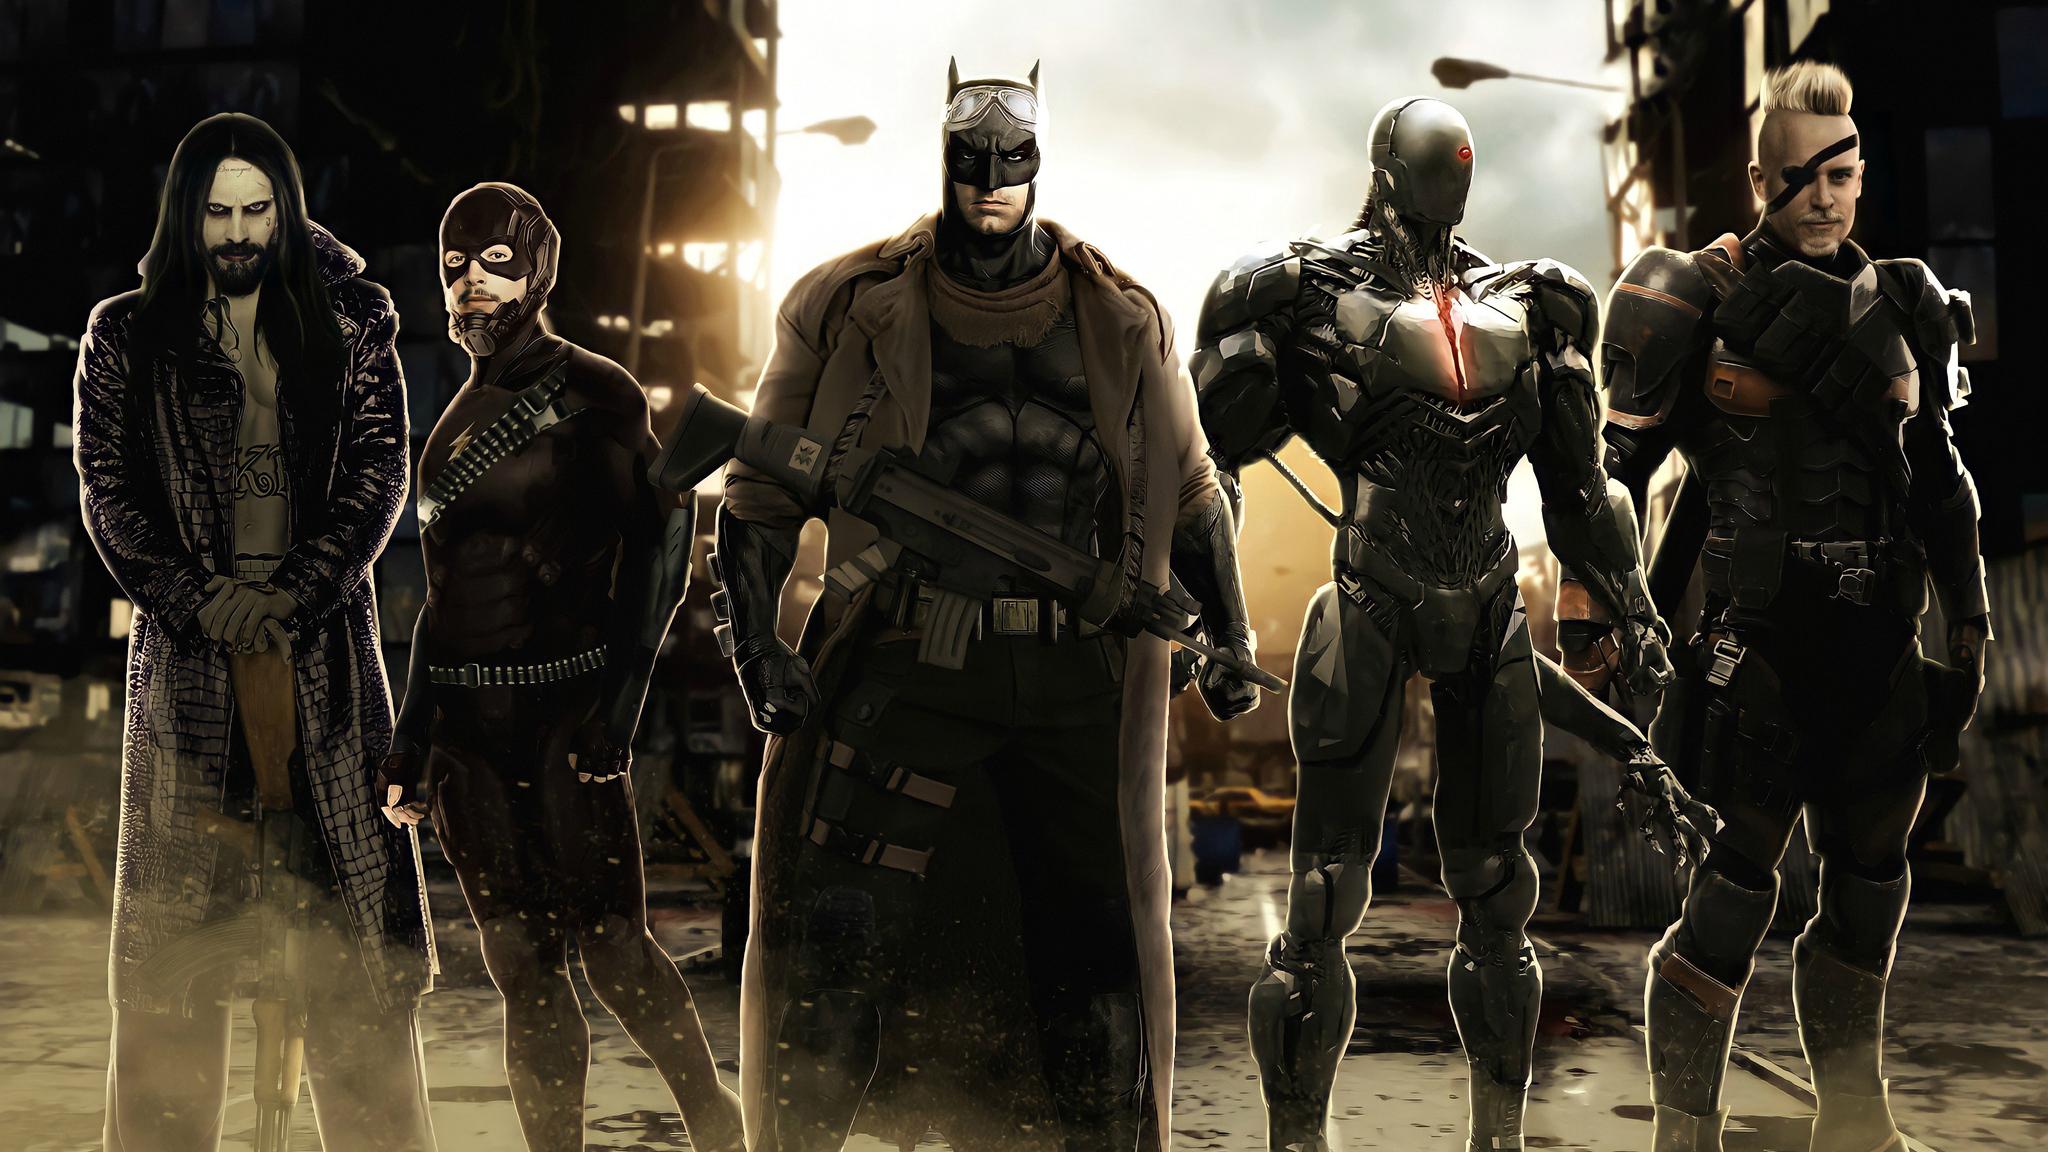 knightmare-team-batman-4k-i0.jpg